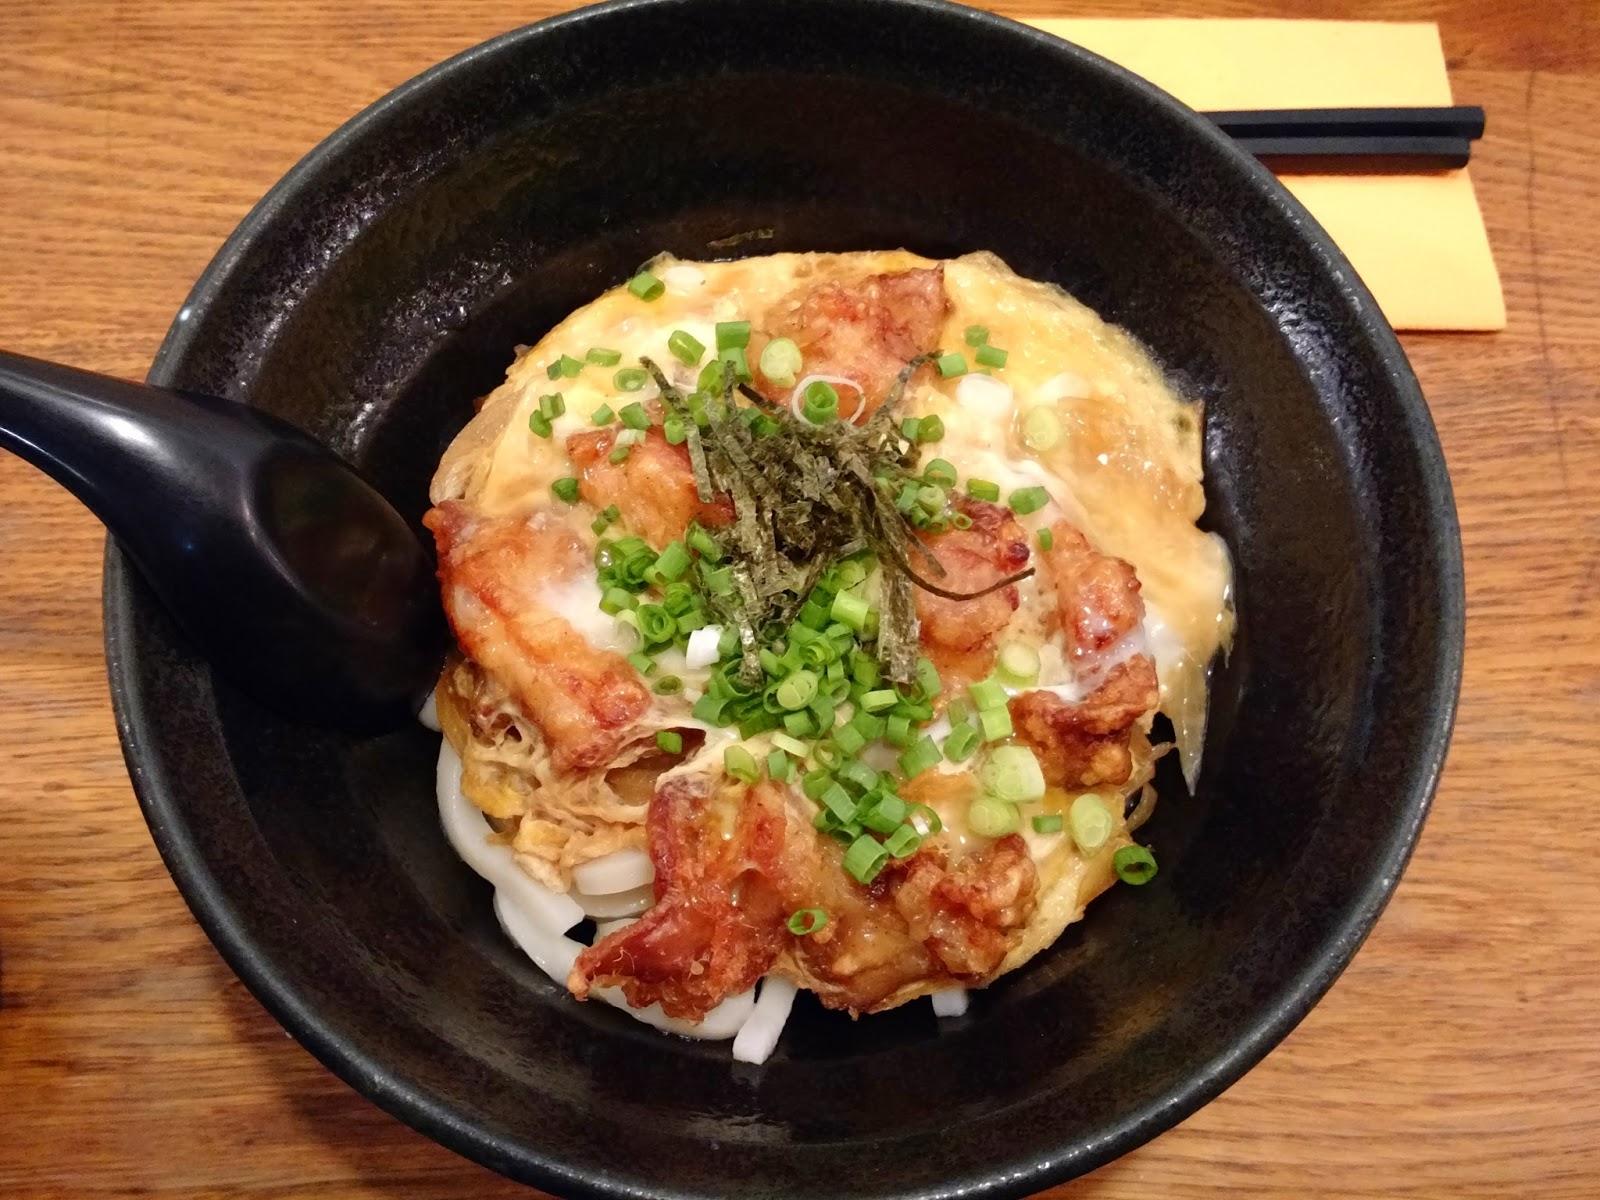 Le Chameau bleu - Udon et Omelette au poulet frit du restaurant Sanukiya Paris